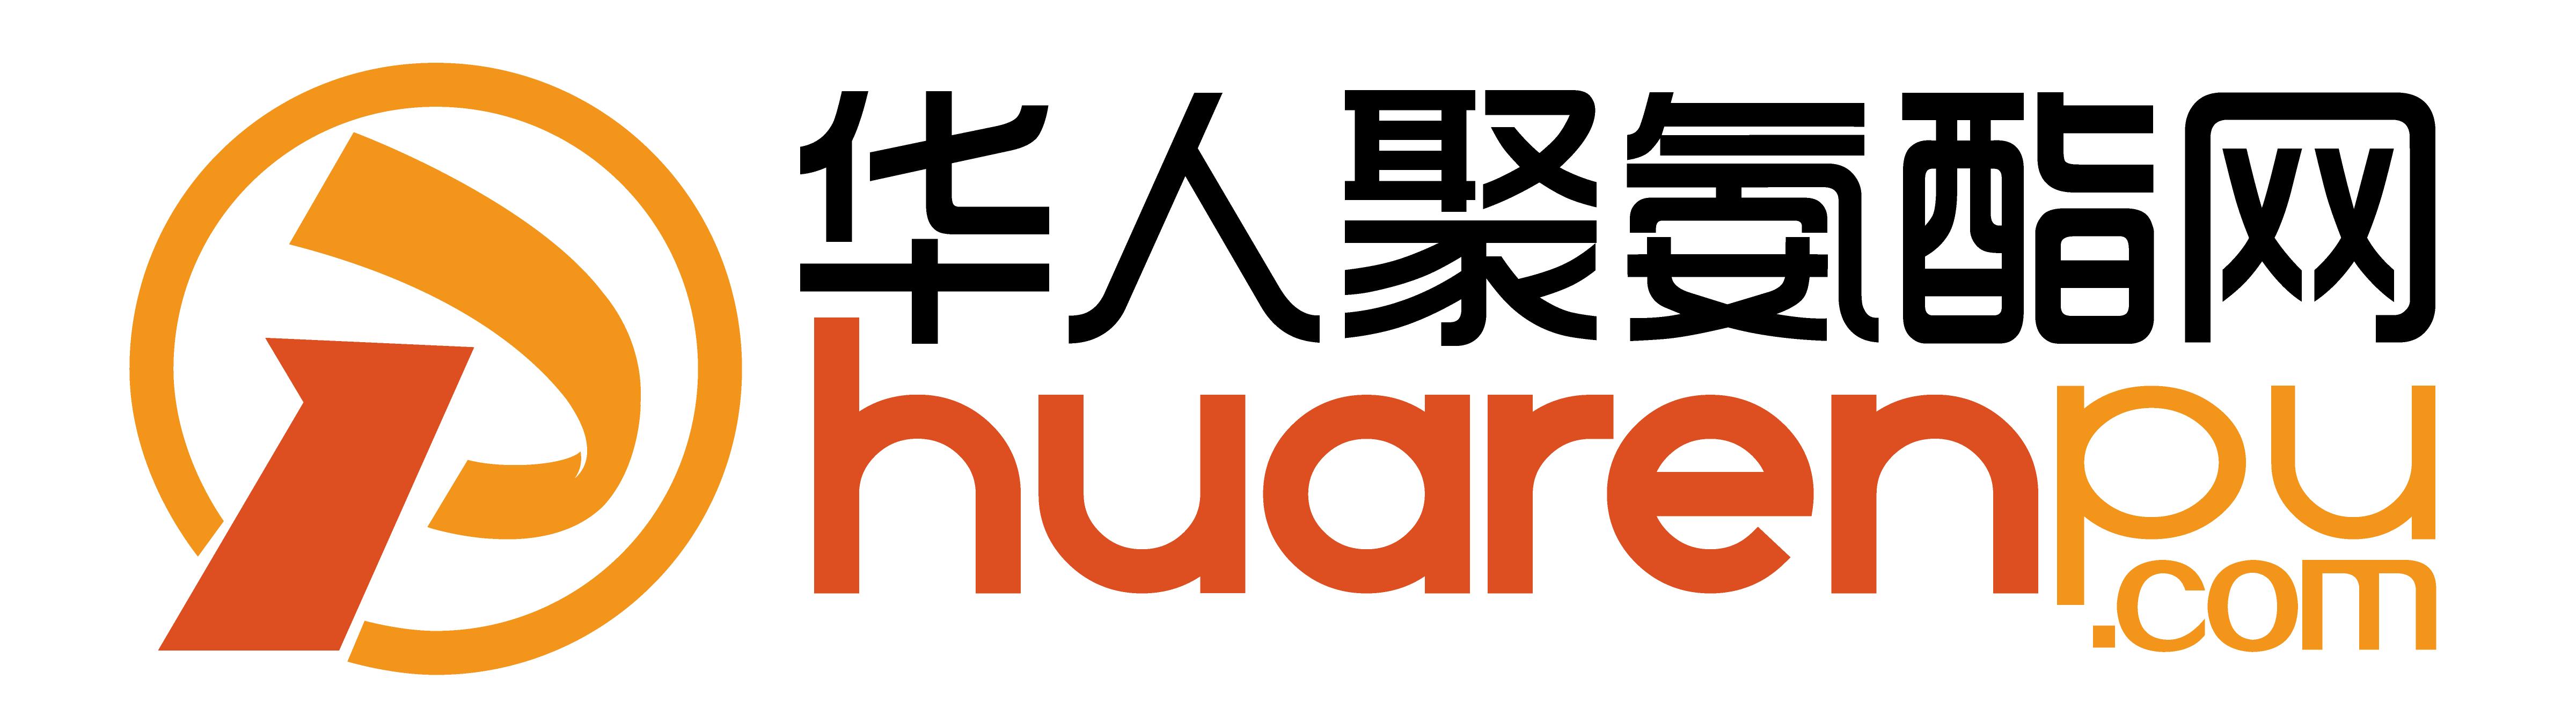 华人聚氨酯网